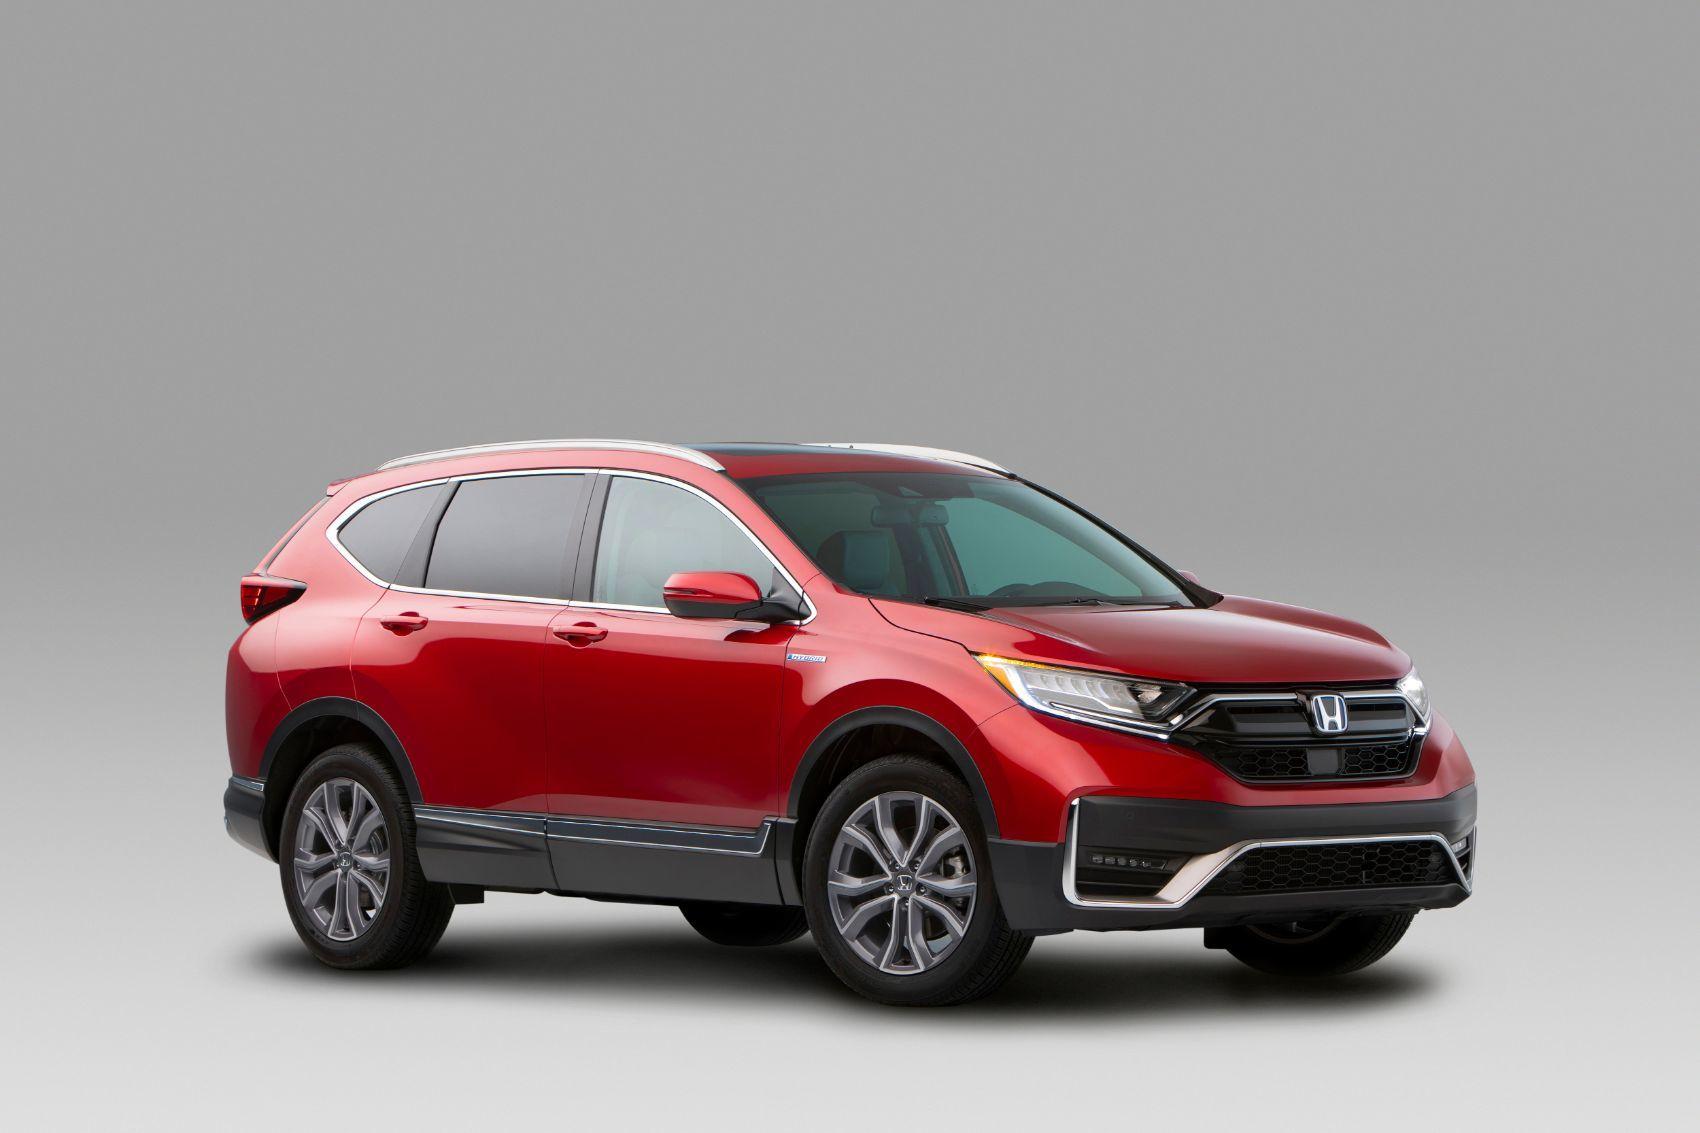 Honda Crv Hybrid >> 2020 Honda Cr V Hybrid Better Late Than Never